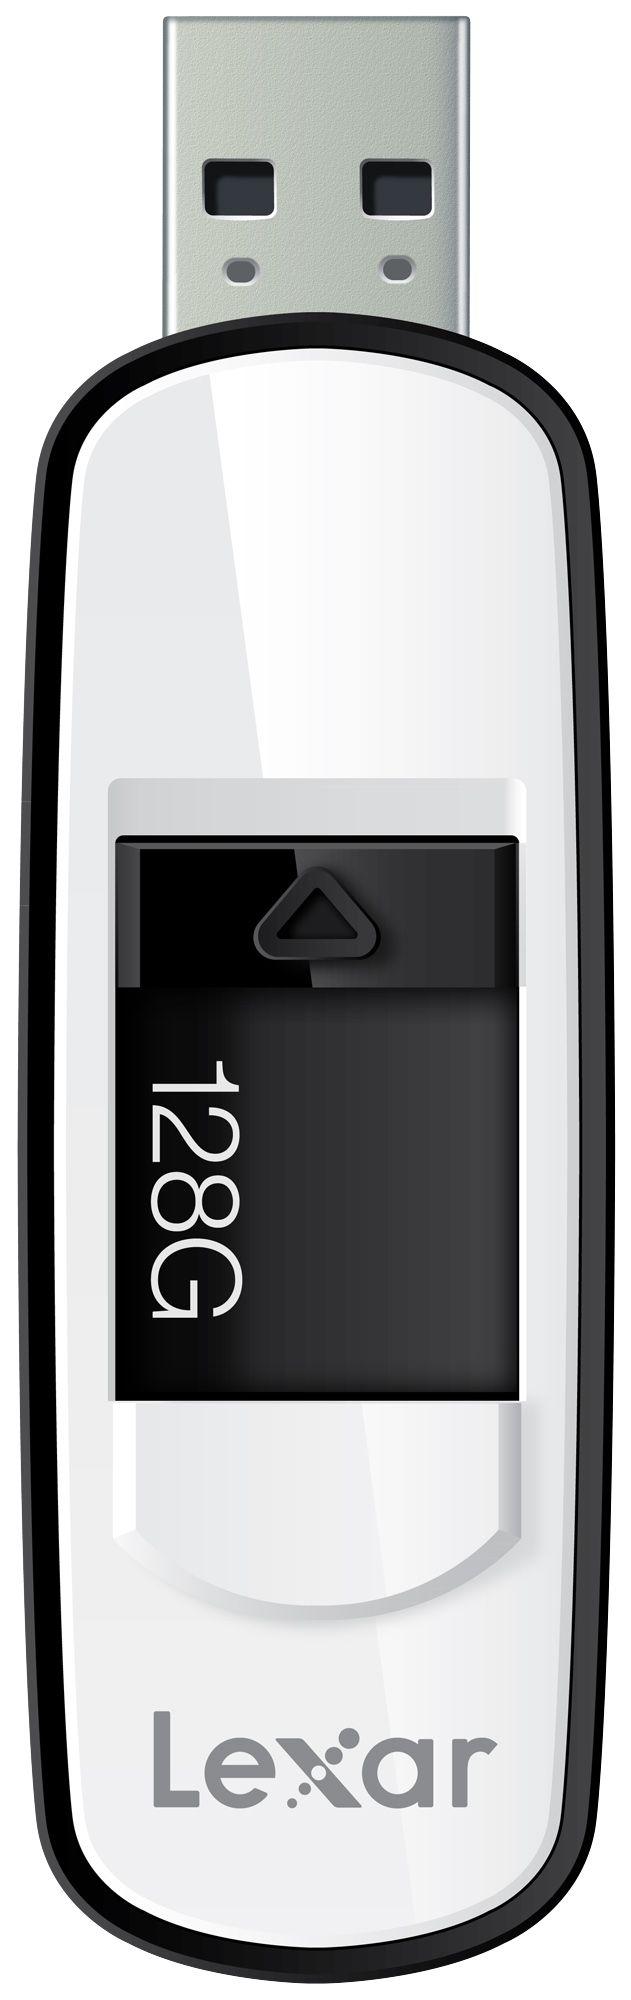 [CATALOGUE PRINTEMPS 2015] Clé USB 3.0 JumpDrive S75: Stocke et transfère en toute fiabilité vos photos, vidéos, fichiers et plus encore Dotée d'un connecteur rétractable avec fermeture coulissante ergonomique Performances SuperSpeed USB 3.0 (jusqu'à 150 Mo/s en lecture, 60 Mo/s en écriture), rétrocompatible avec les périphériques USB 2.0. RÉF. LJDS75-128ABEU 128GO http://www.exertisbanquemagnetique.fr/info-marque/lexar